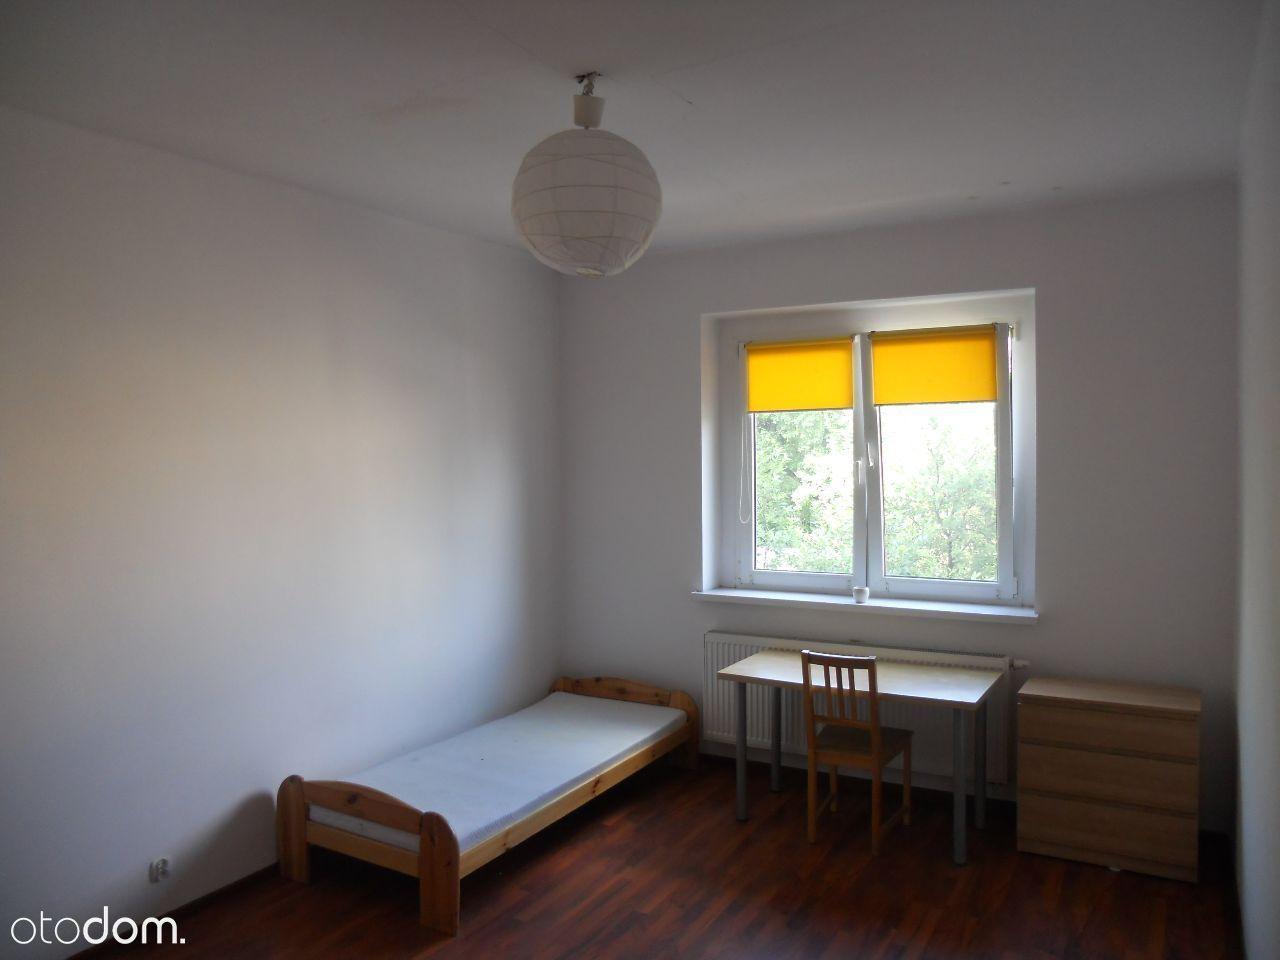 Pokój na wynajem, Katowice, Piotrowice - Foto 1